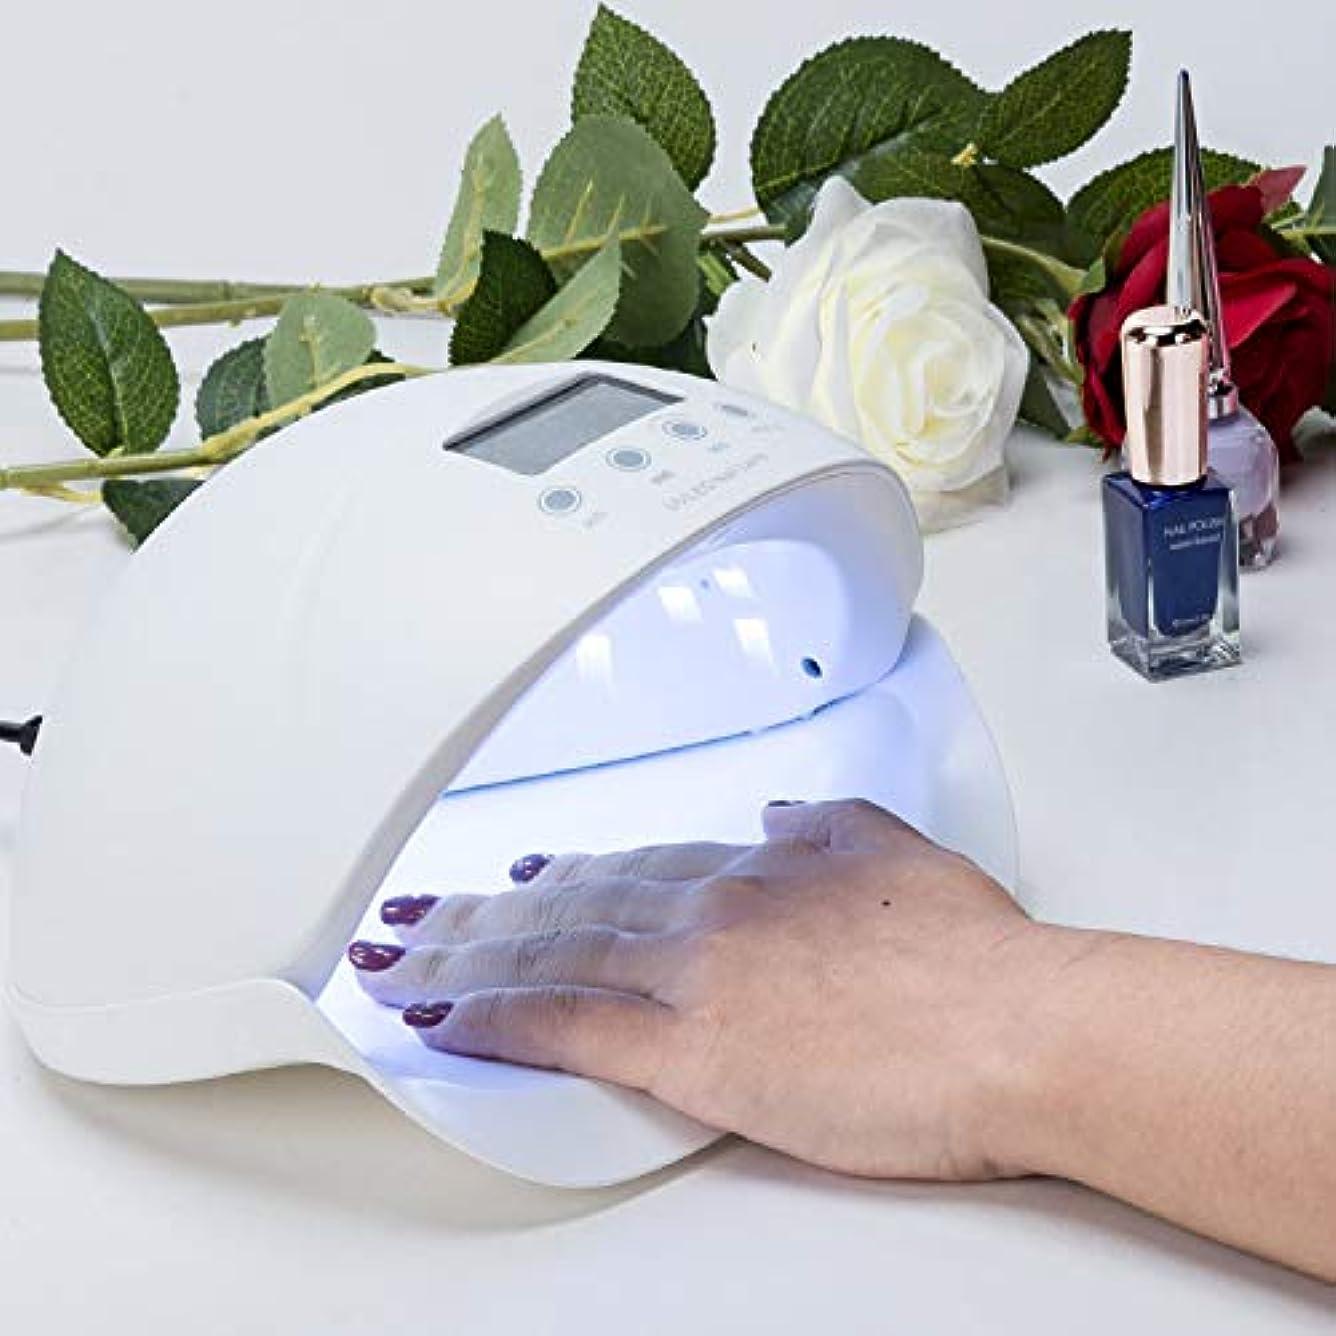 ホラーメンタル列挙するLoritar(ロリター)ジェルネイルドライヤー 硬化ライト UV と LEDダブルライト 手足両用 赤外線検知 タイマー三段階設定可50W 美白機能 日本語の説明書付き